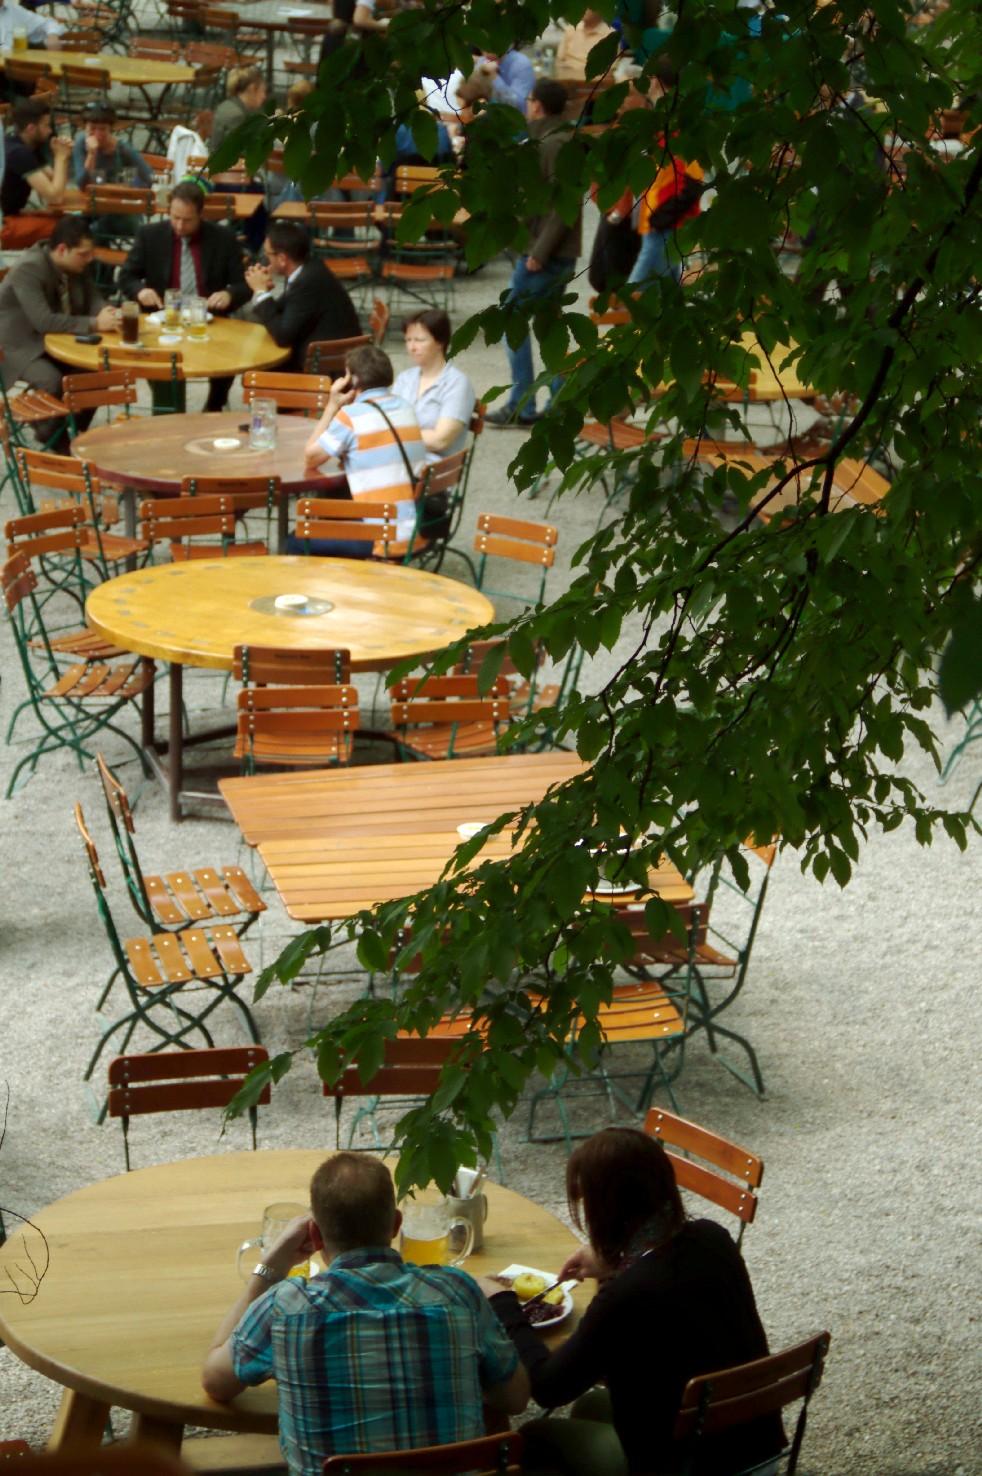 Vista de um dos jardins de cerveja de Munique, na Alemanha (foto: Eduardo Vessoni)